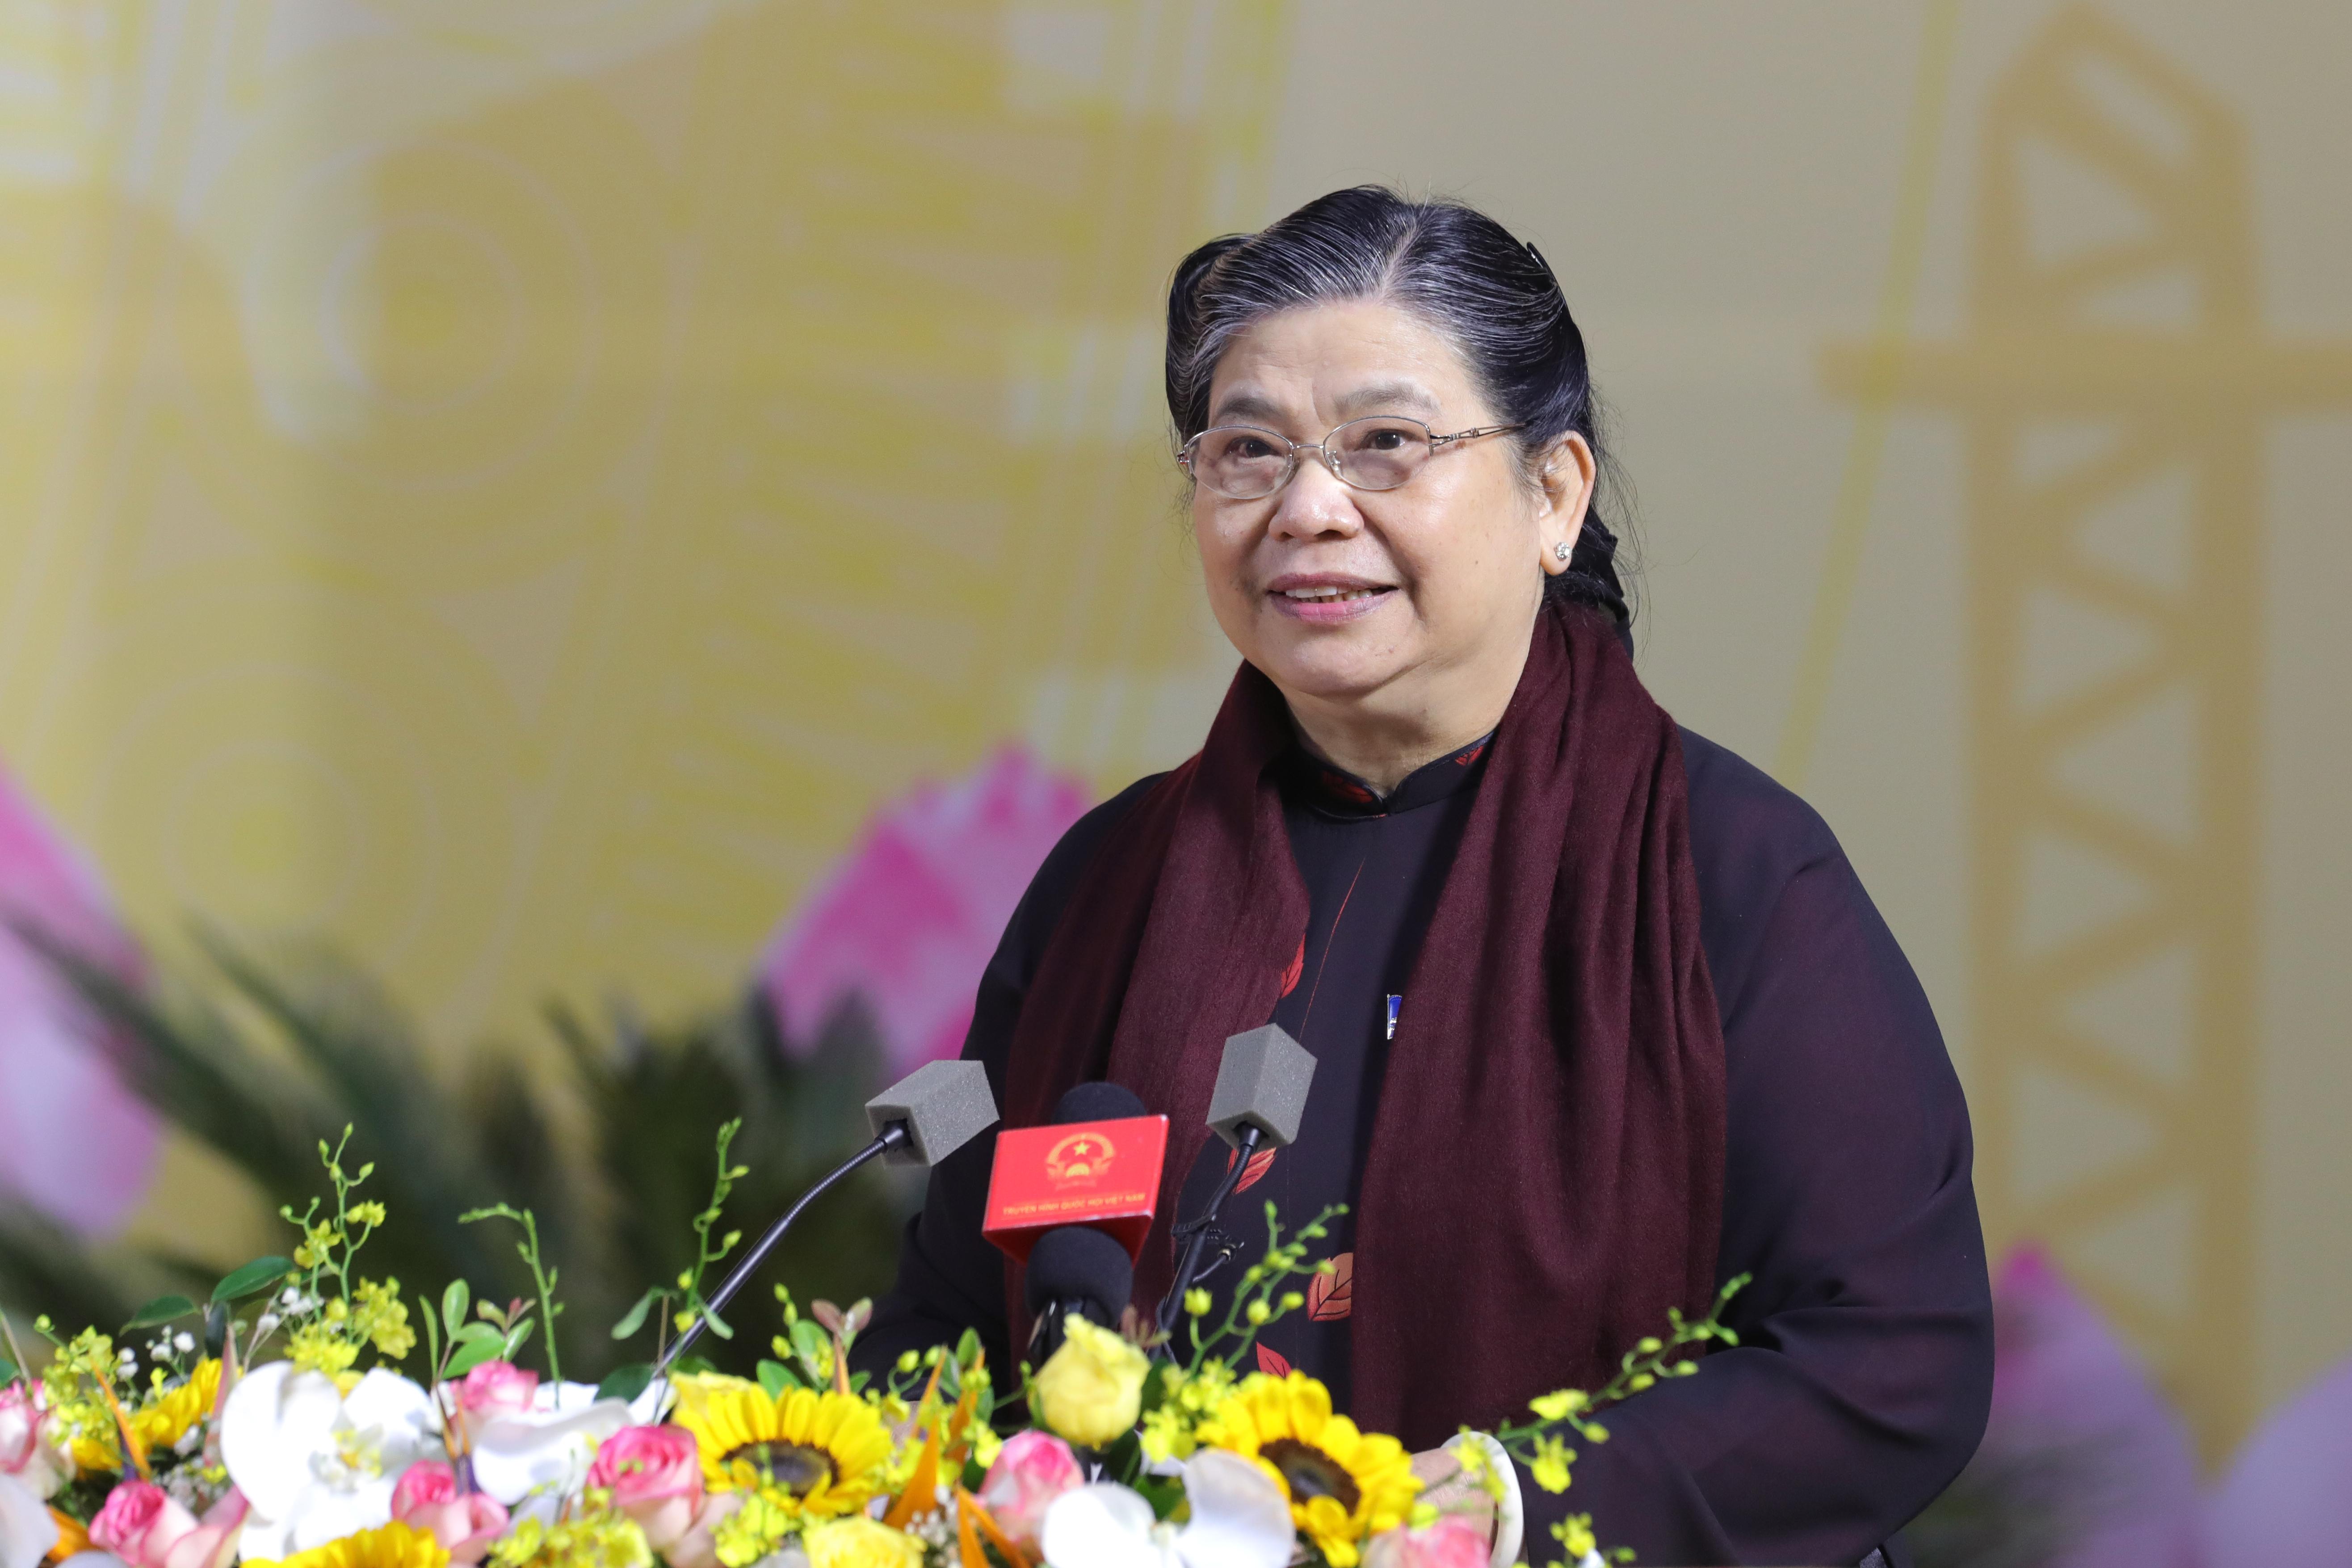 Phó Chủ tịch thường trực Quốc hội Tòng Thị Phóng phát biểu chỉ đạo tại Đại hội- Ảnh: Quang Vinh